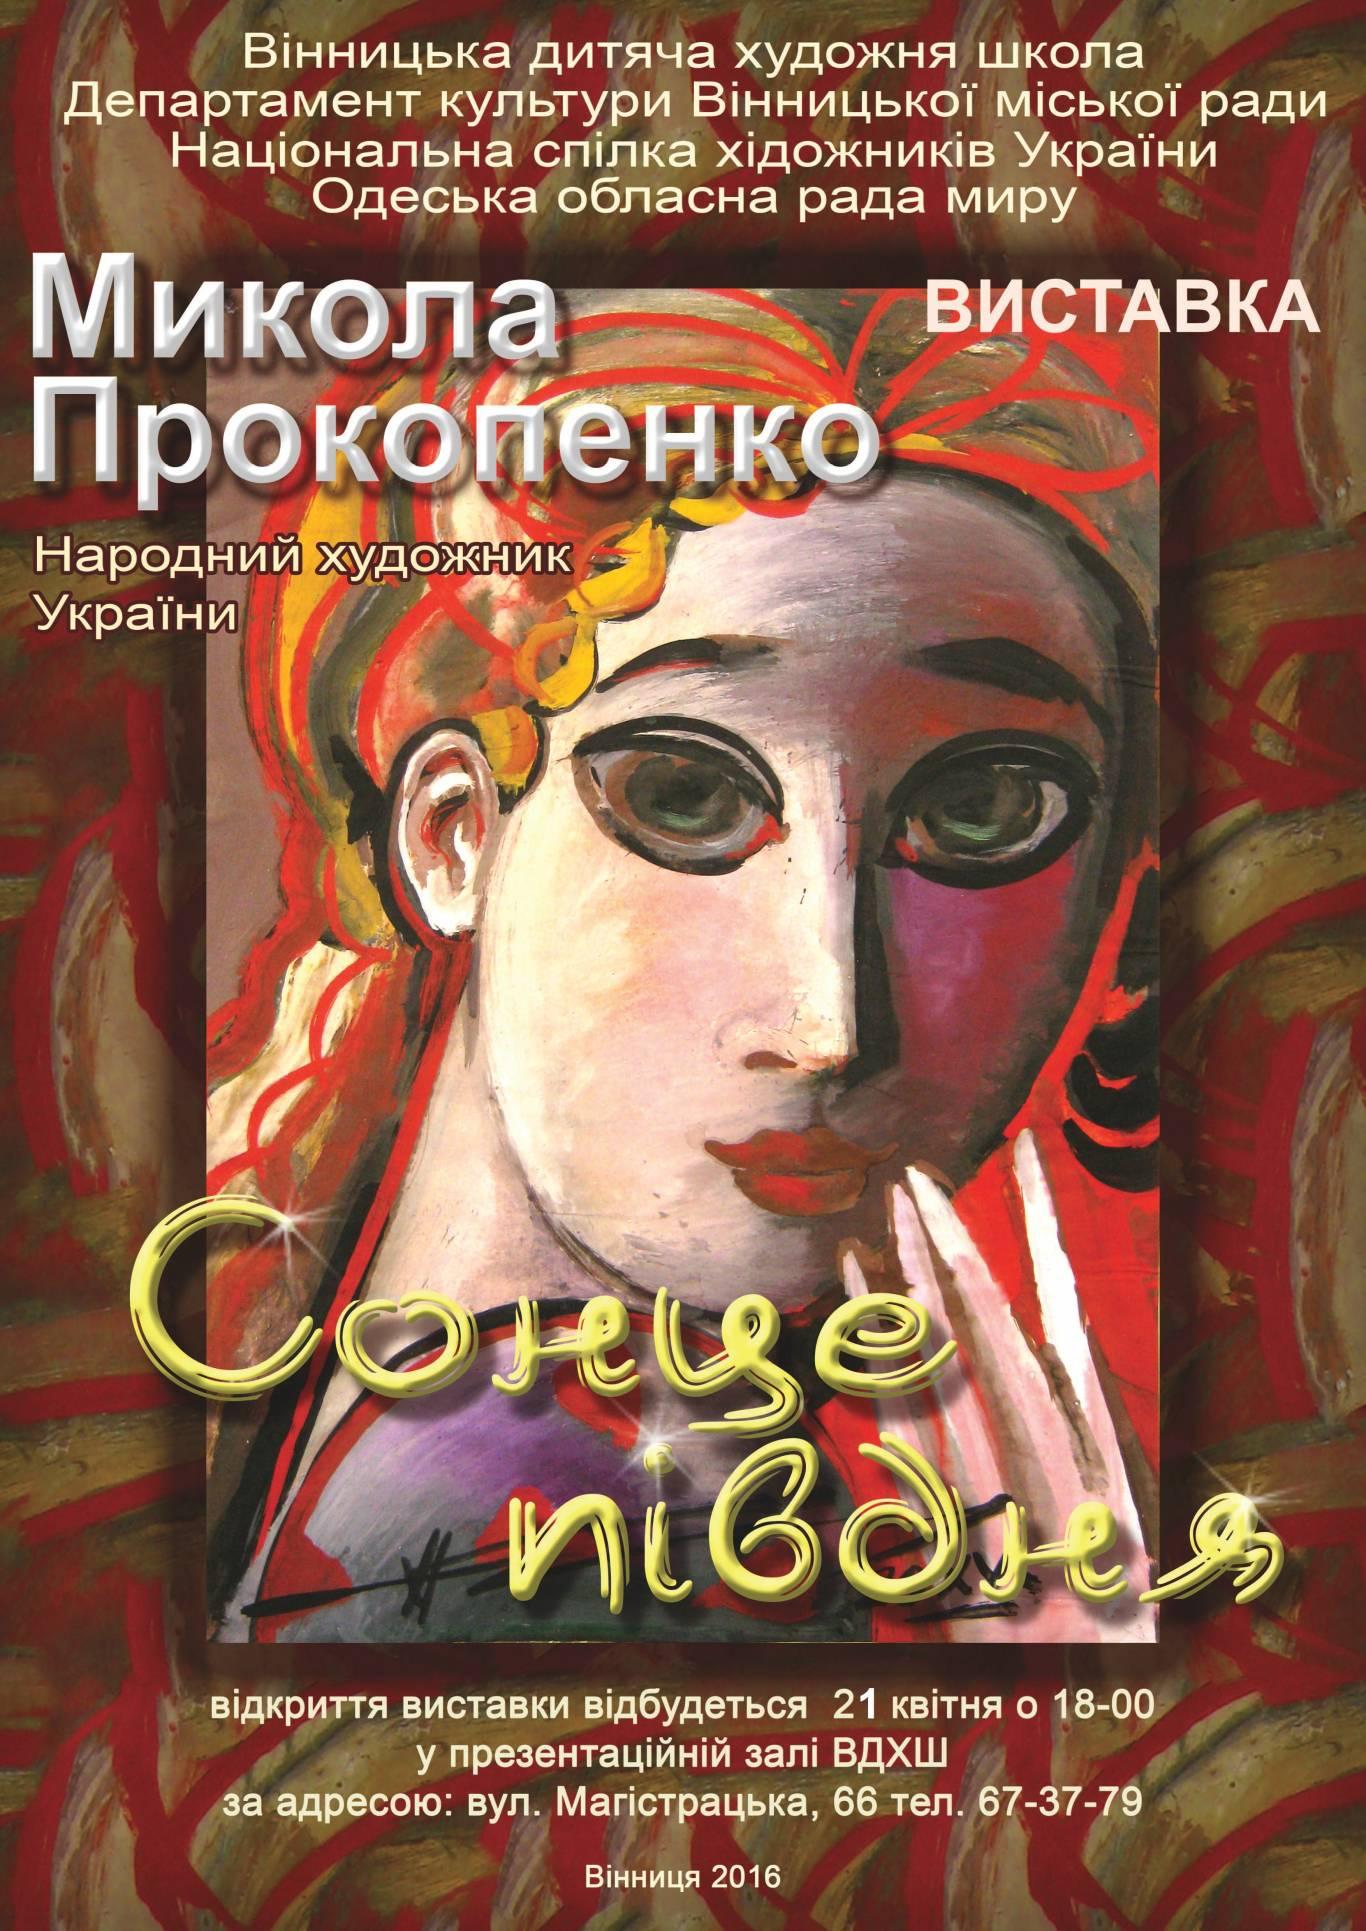 Виставка Миколи Прокопенко «Сонце півдня»